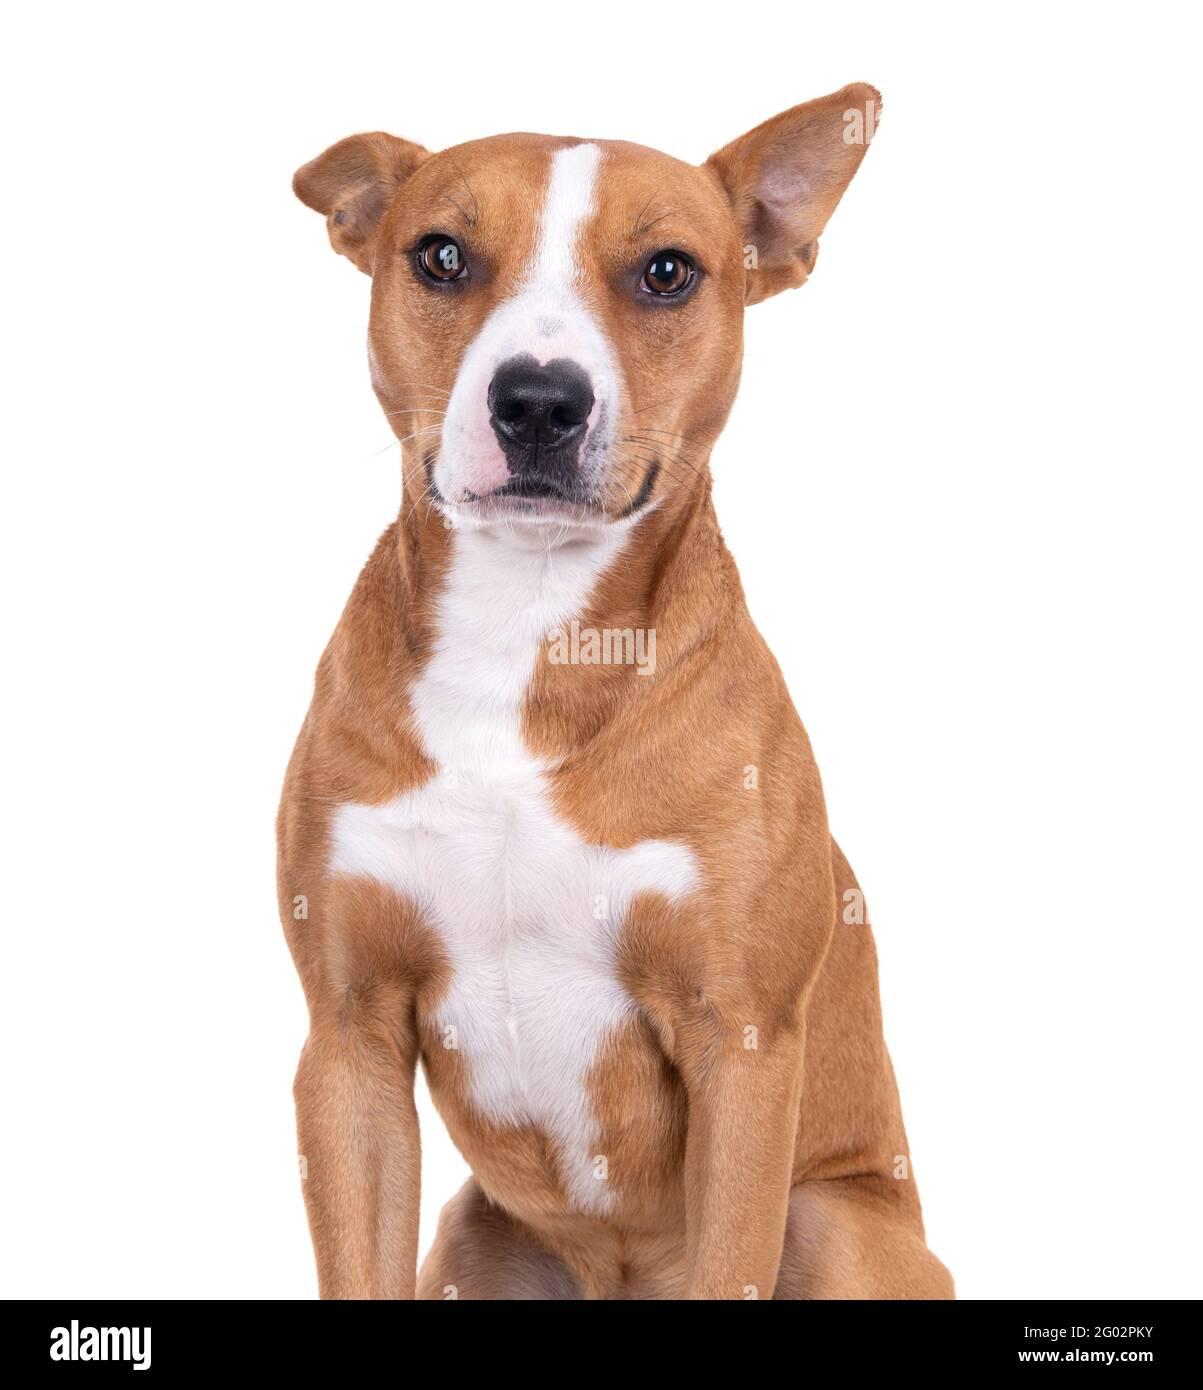 Gros plan rouge American Staffordshire terrier isolé sur fond blanc.One ear is up. Une oreille est en bas de Red American Pit Bull Terrier. Race mixte. Banque D'Images